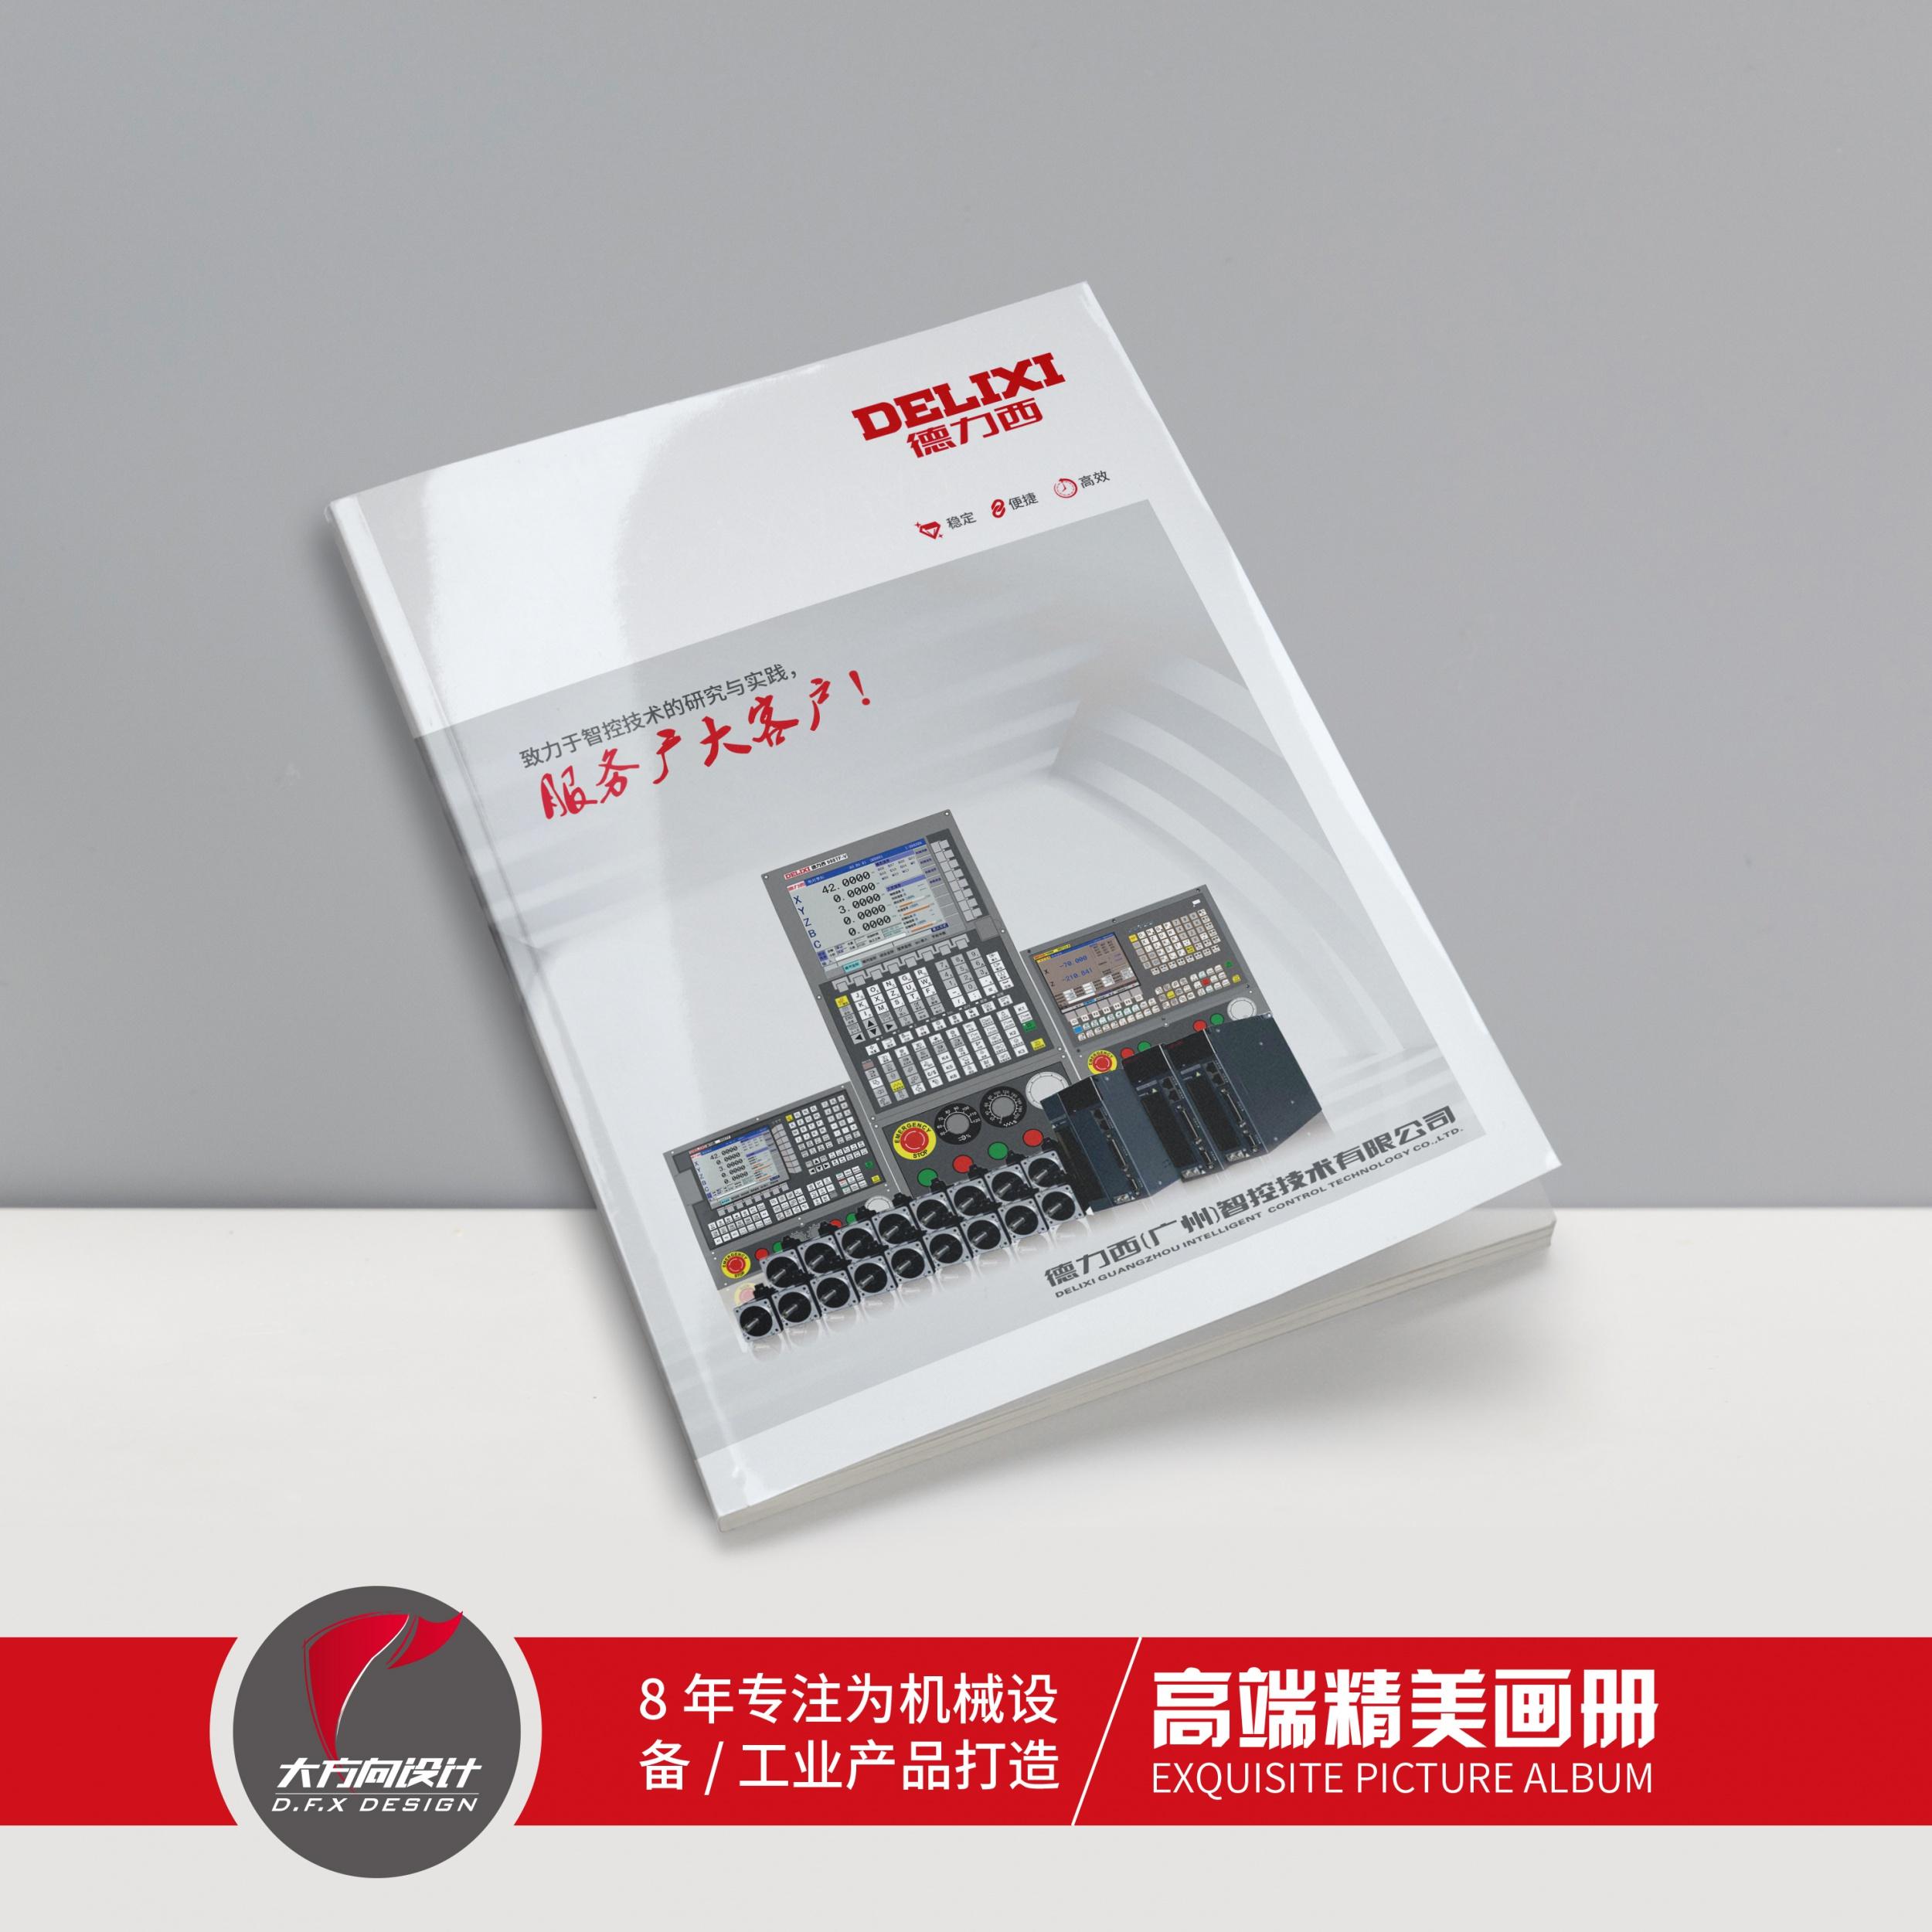 廣州德力西電氣有限公司